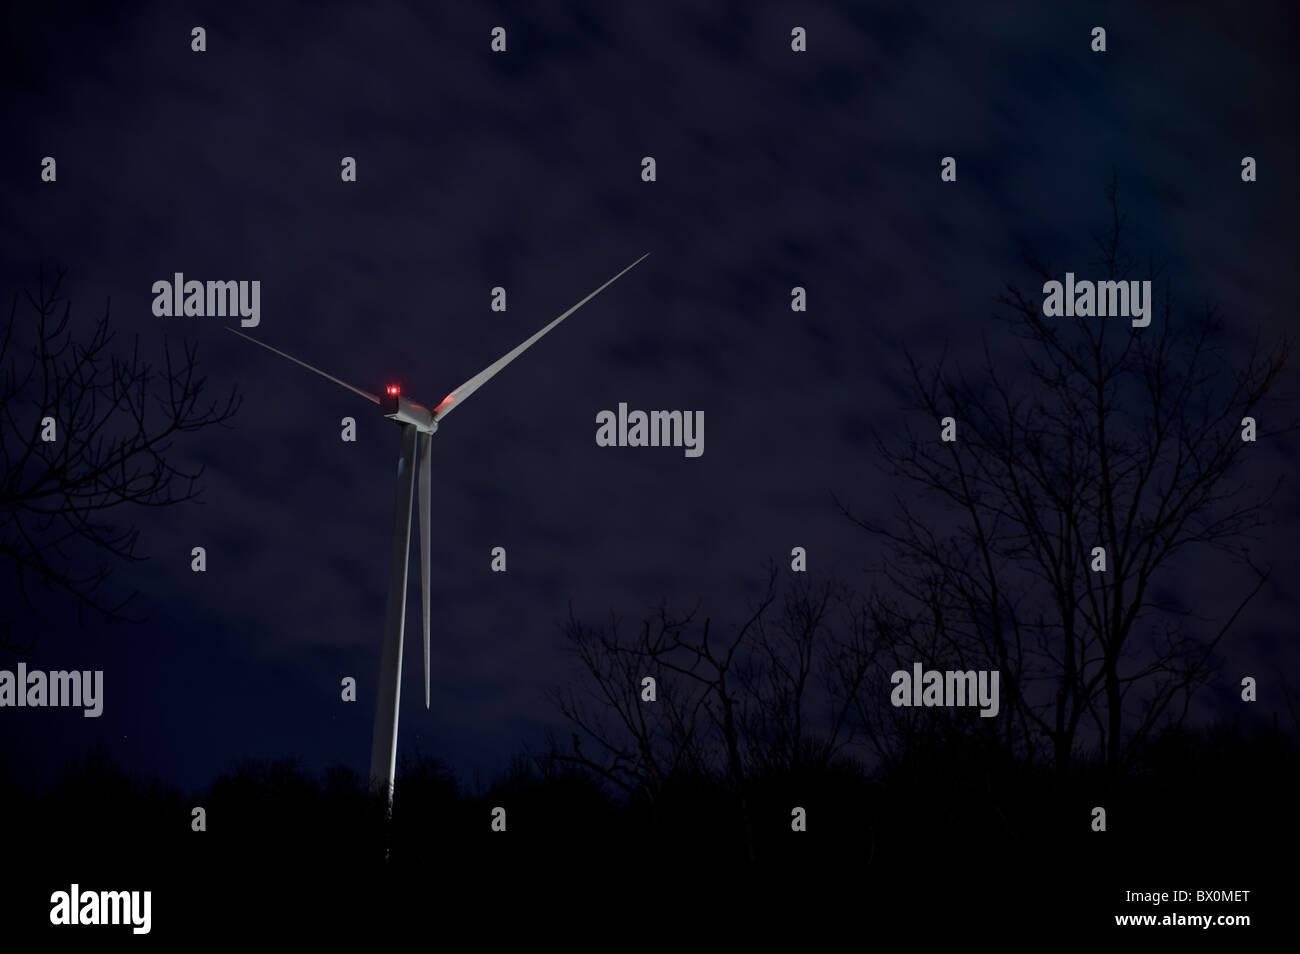 Turbina de molinos de energía eólica en la noche con estrellas Imagen De Stock